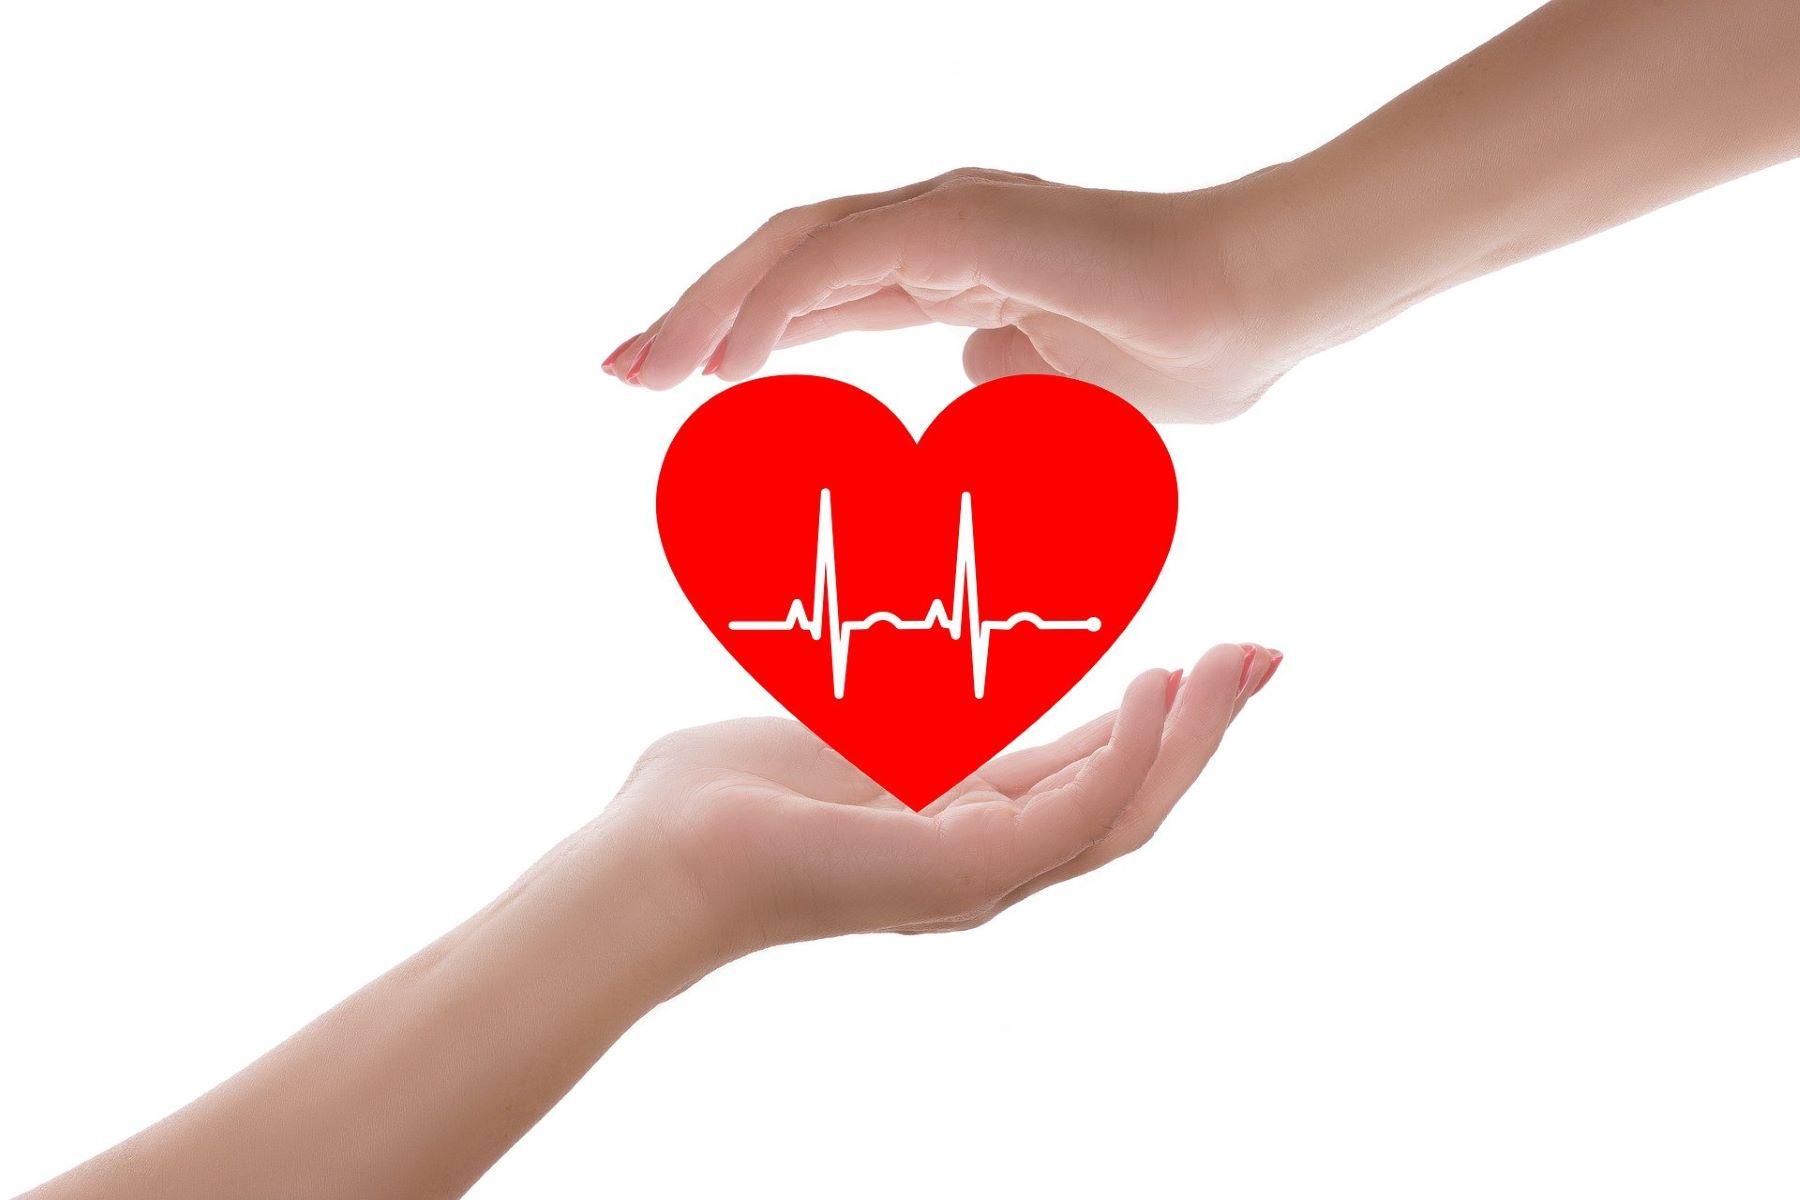 Καρδιά κορωνοϊός: Πώς απειλείται η καρδιά των ασθενών από τον κορωνοϊό;